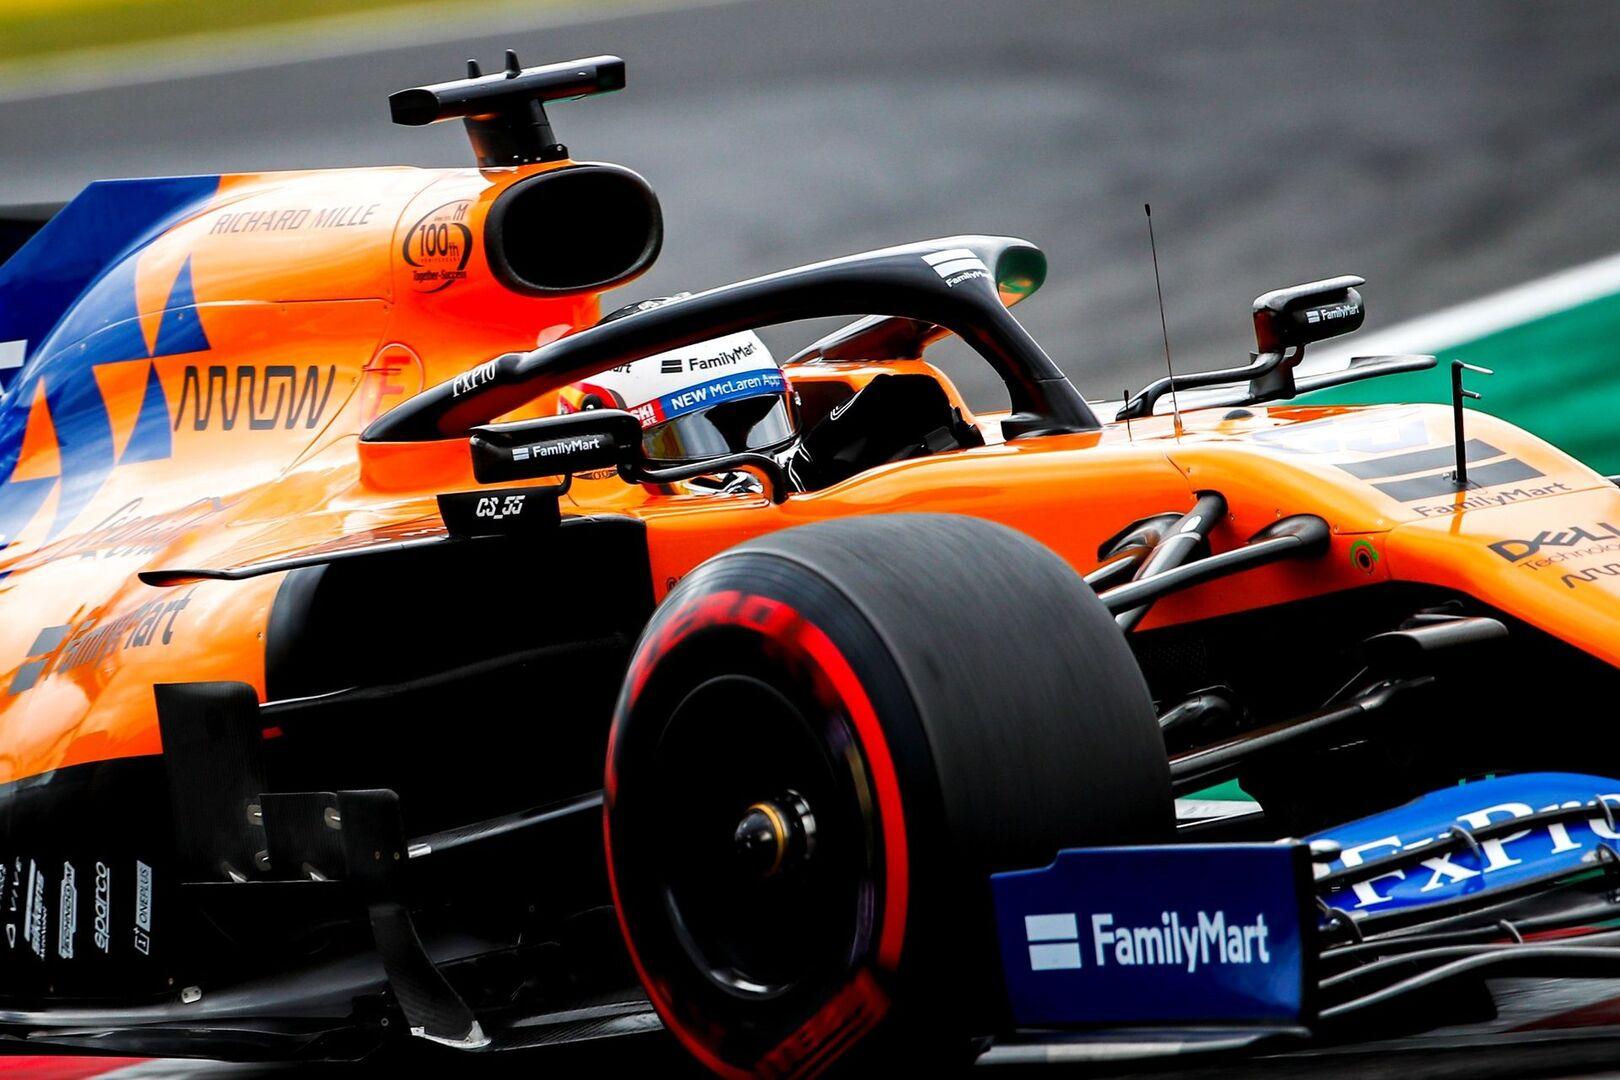 Carlos Sainz brilla con luz propia en Japón donde se impone Bottas